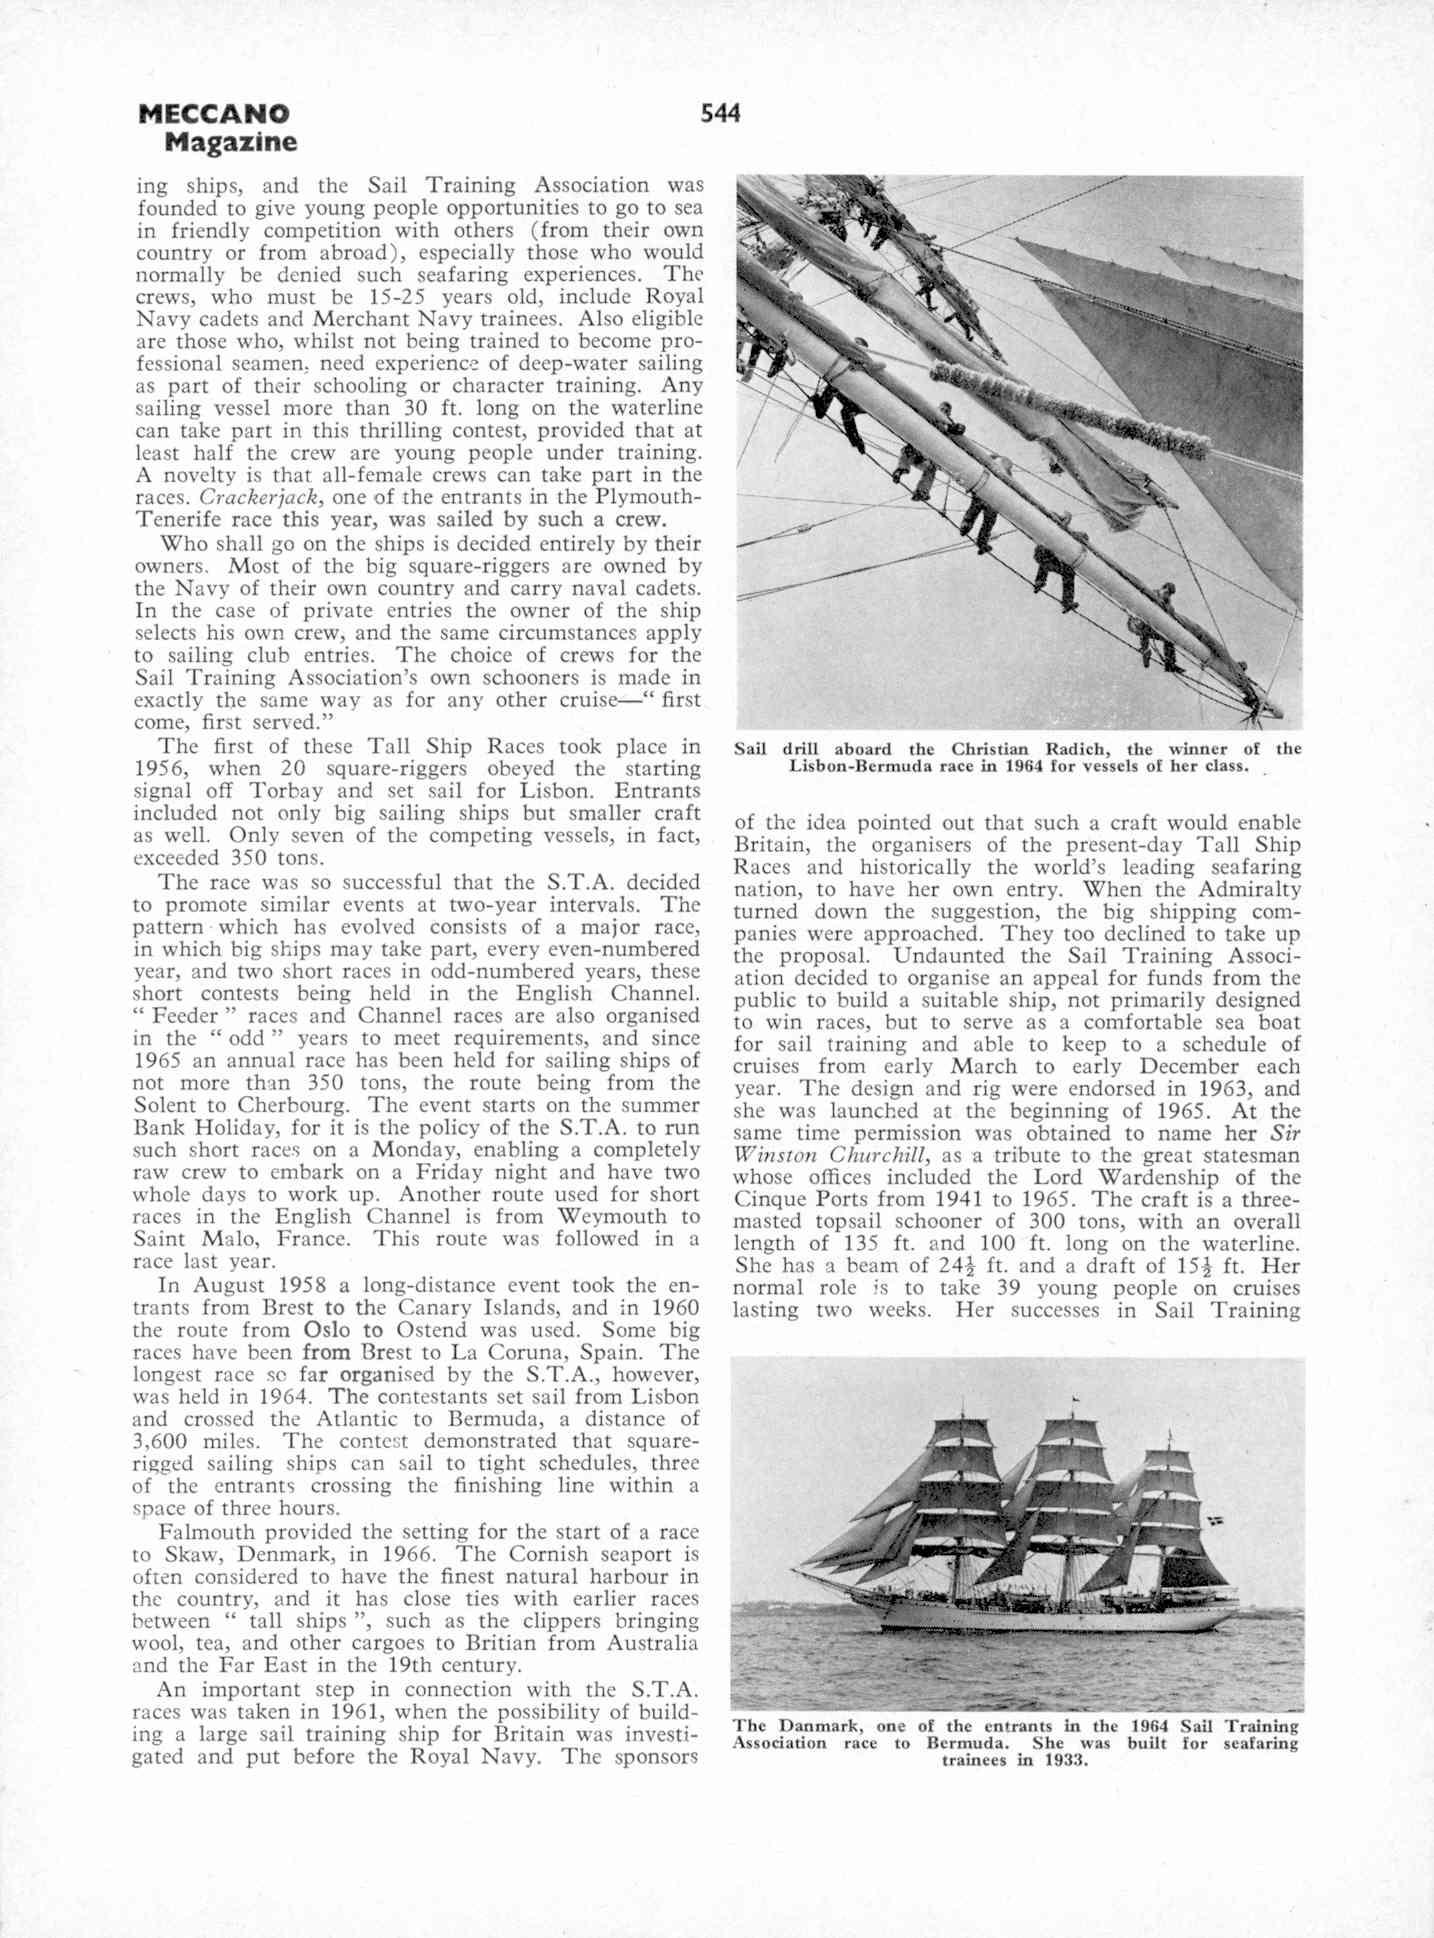 UK Meccano Magazine October 1970 Page 544